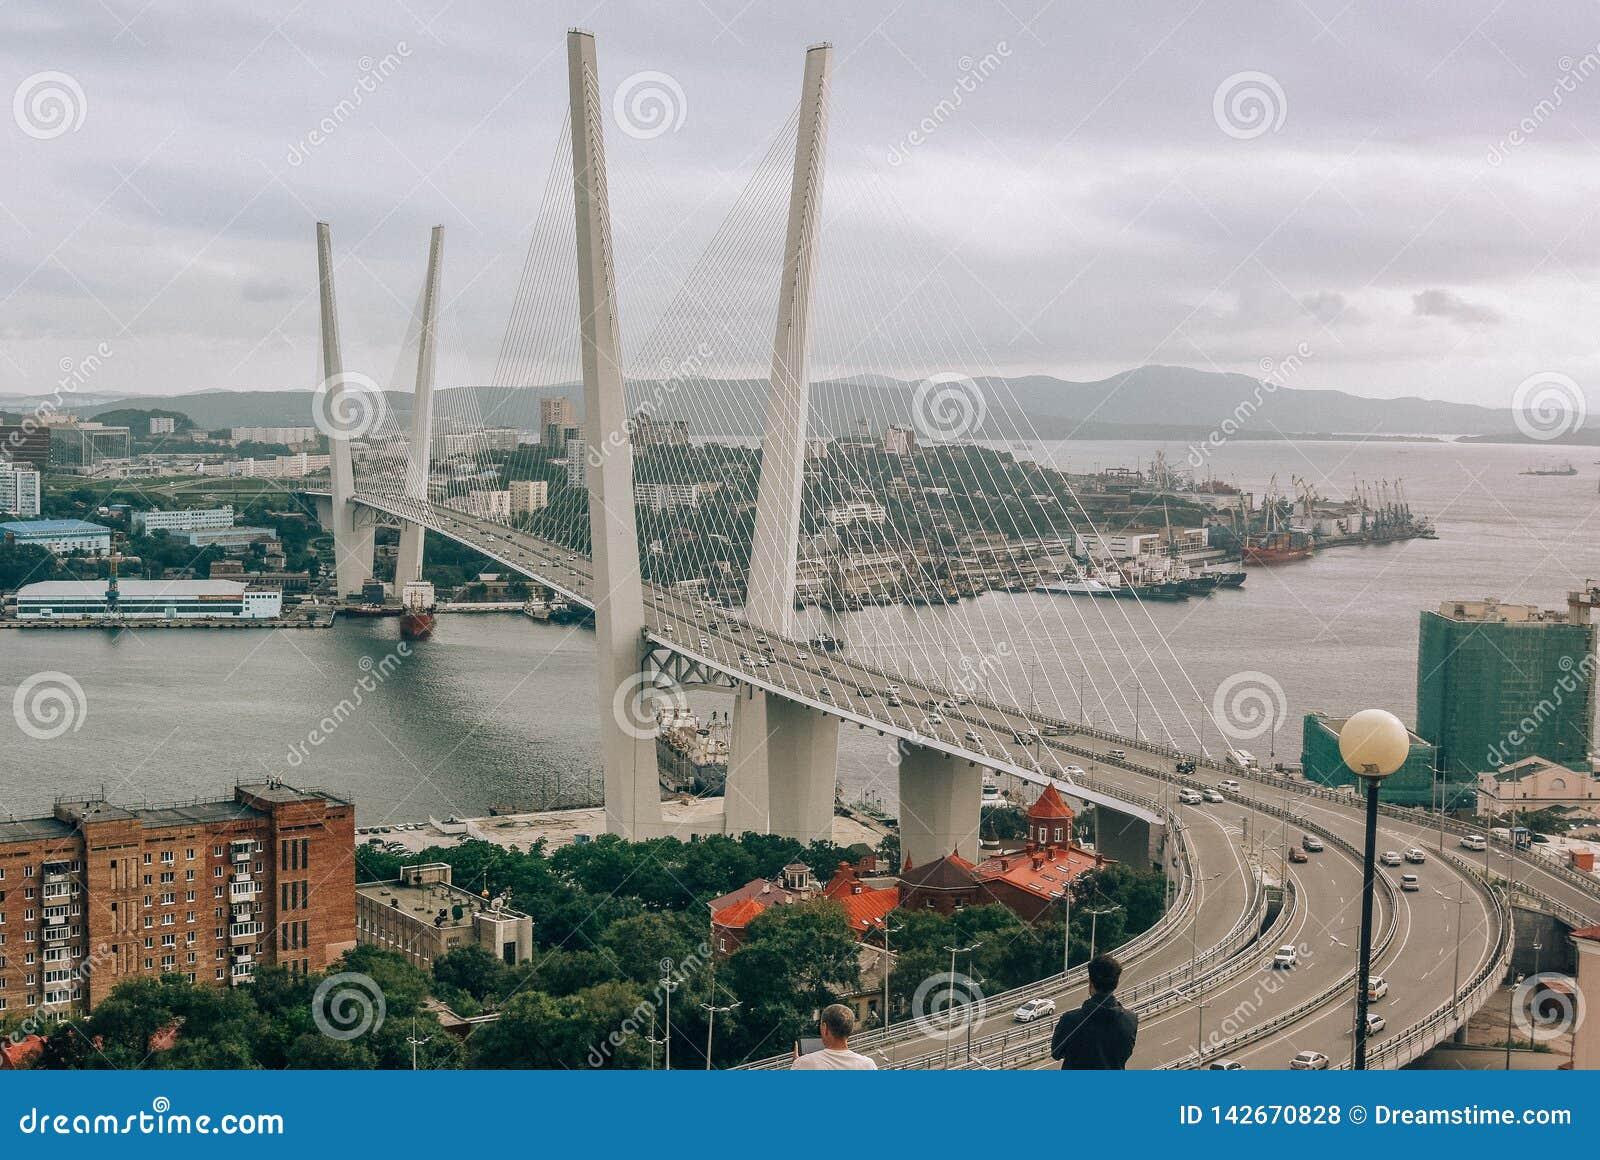 Βλαδιβοστόκ, Ρωσία - 15 Αυγούστου 2015: Καλώδιο-μένοντη γέφυρα στο Βλαδιβοστόκ στο χρυσό κόλπο κέρατων